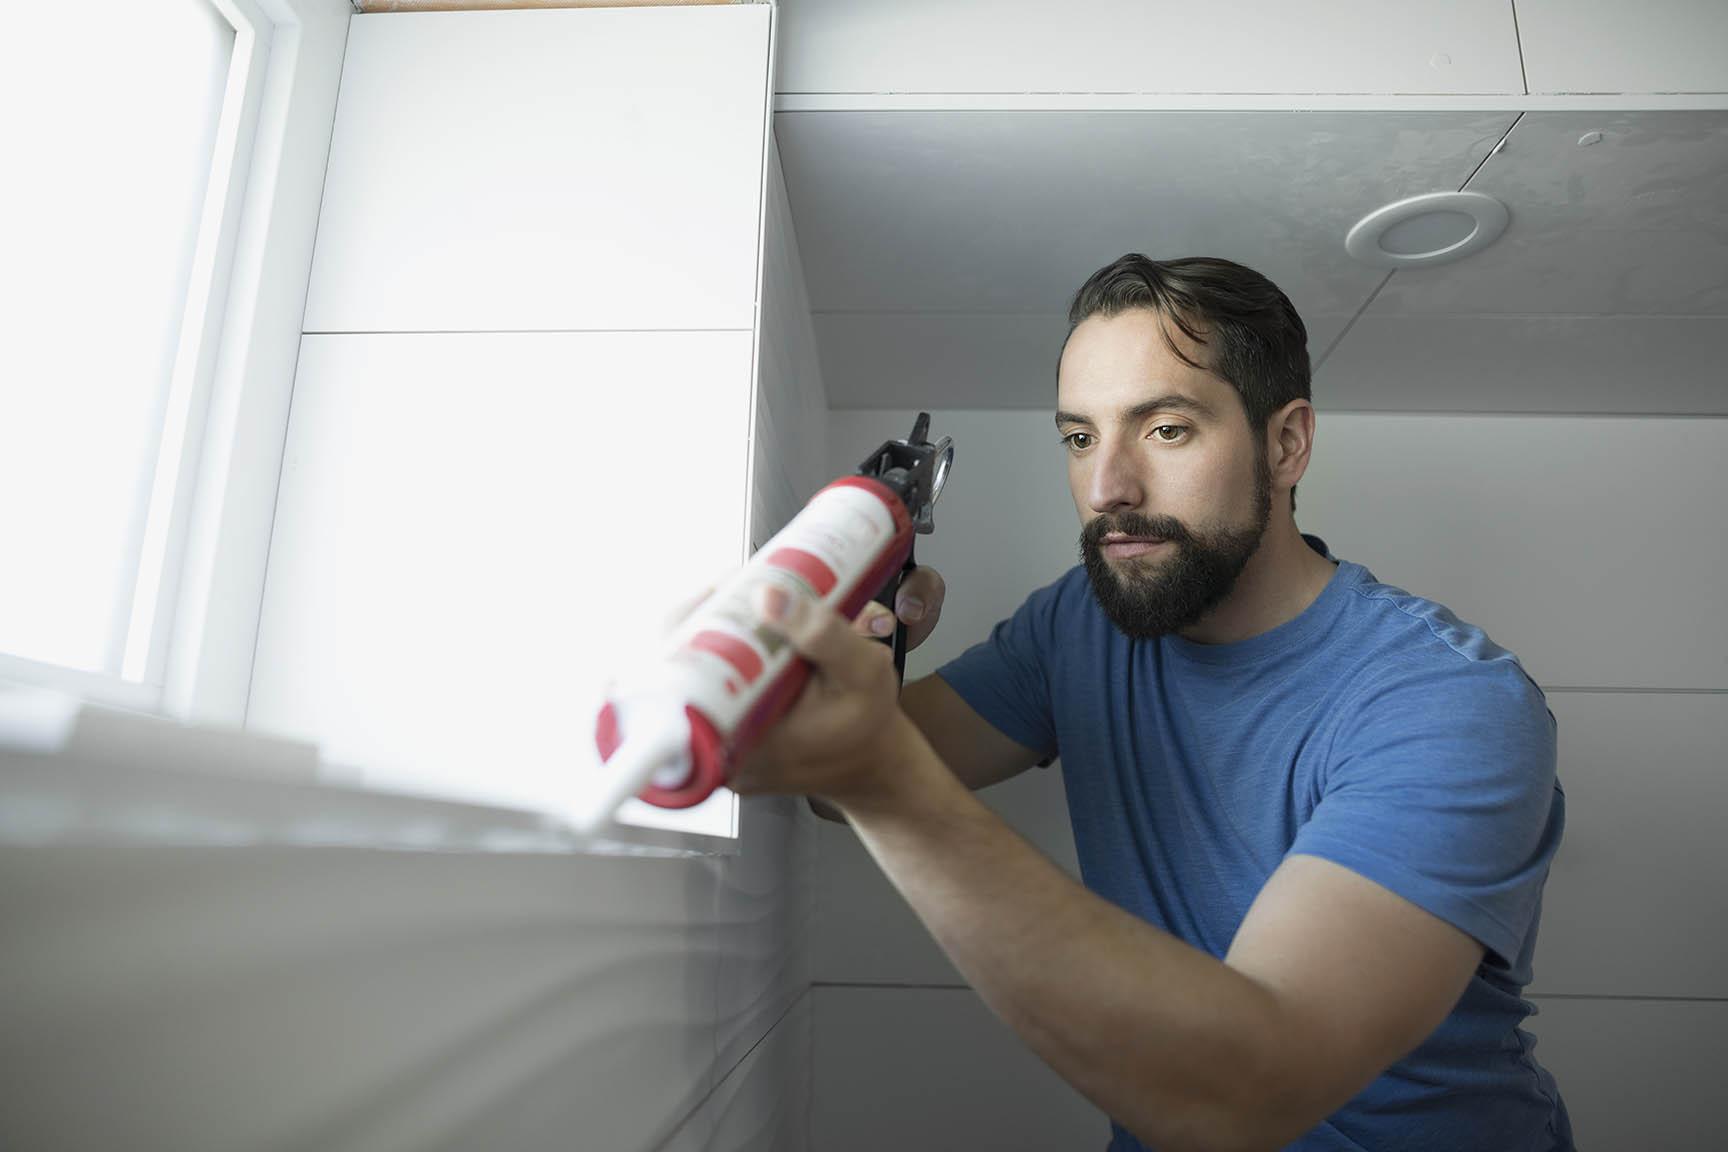 Man using caulk gun for home improvement project